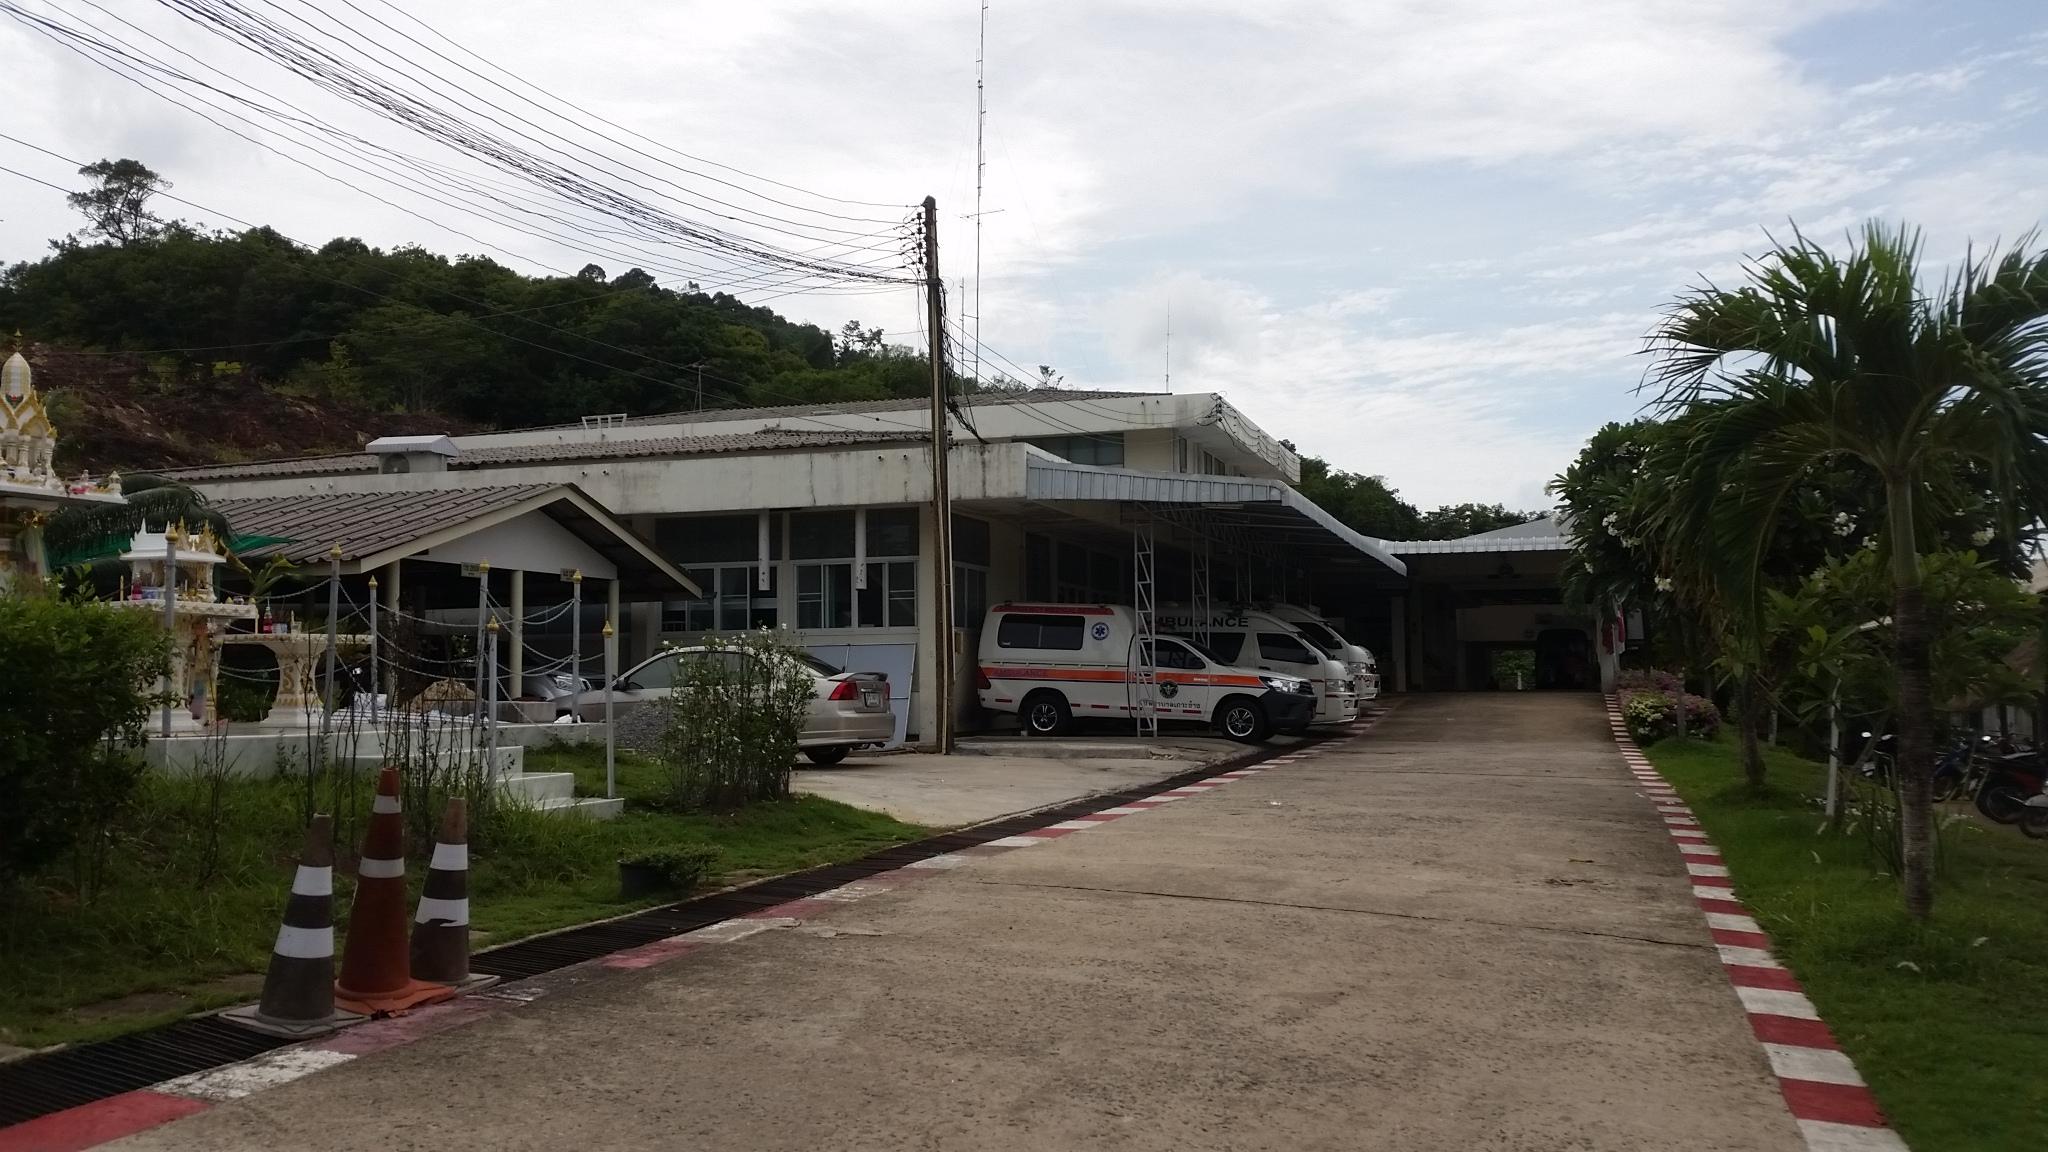 koh chang hospital outside